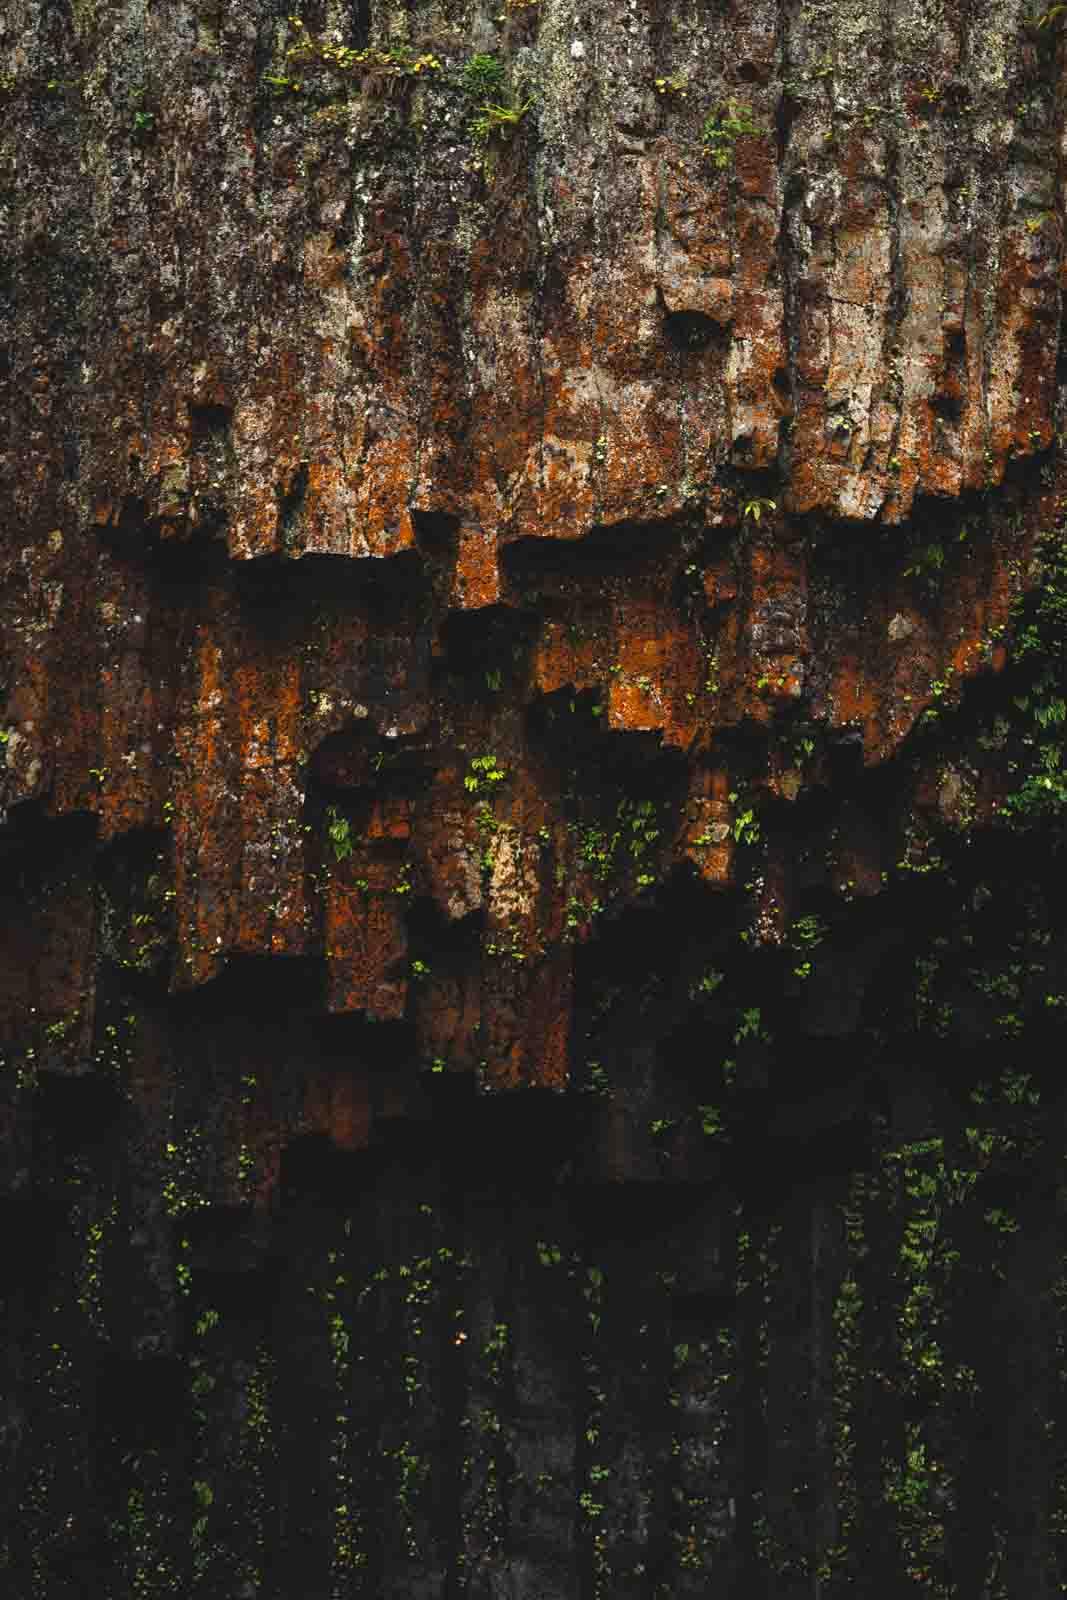 Abiqua Falls even has some volcanic walls.